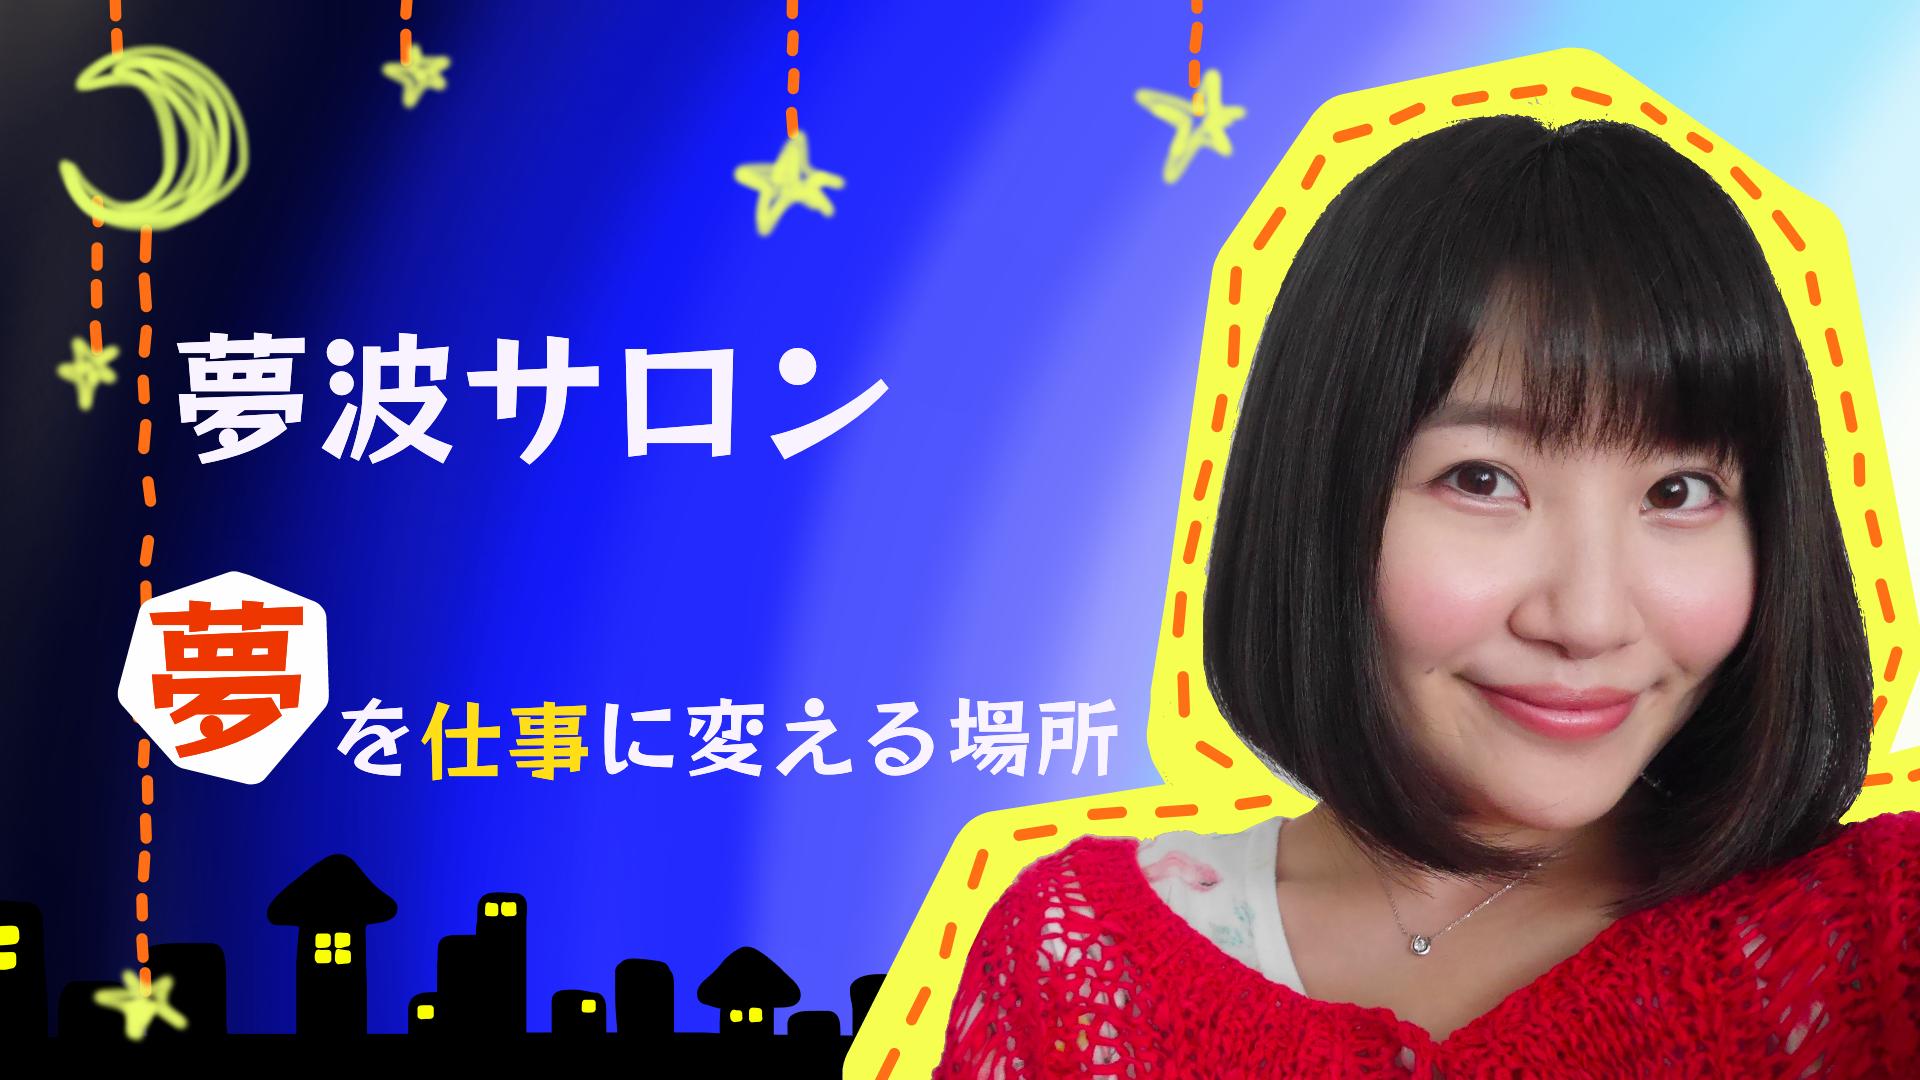 夢波サロン-夢を仕事に変える場所-